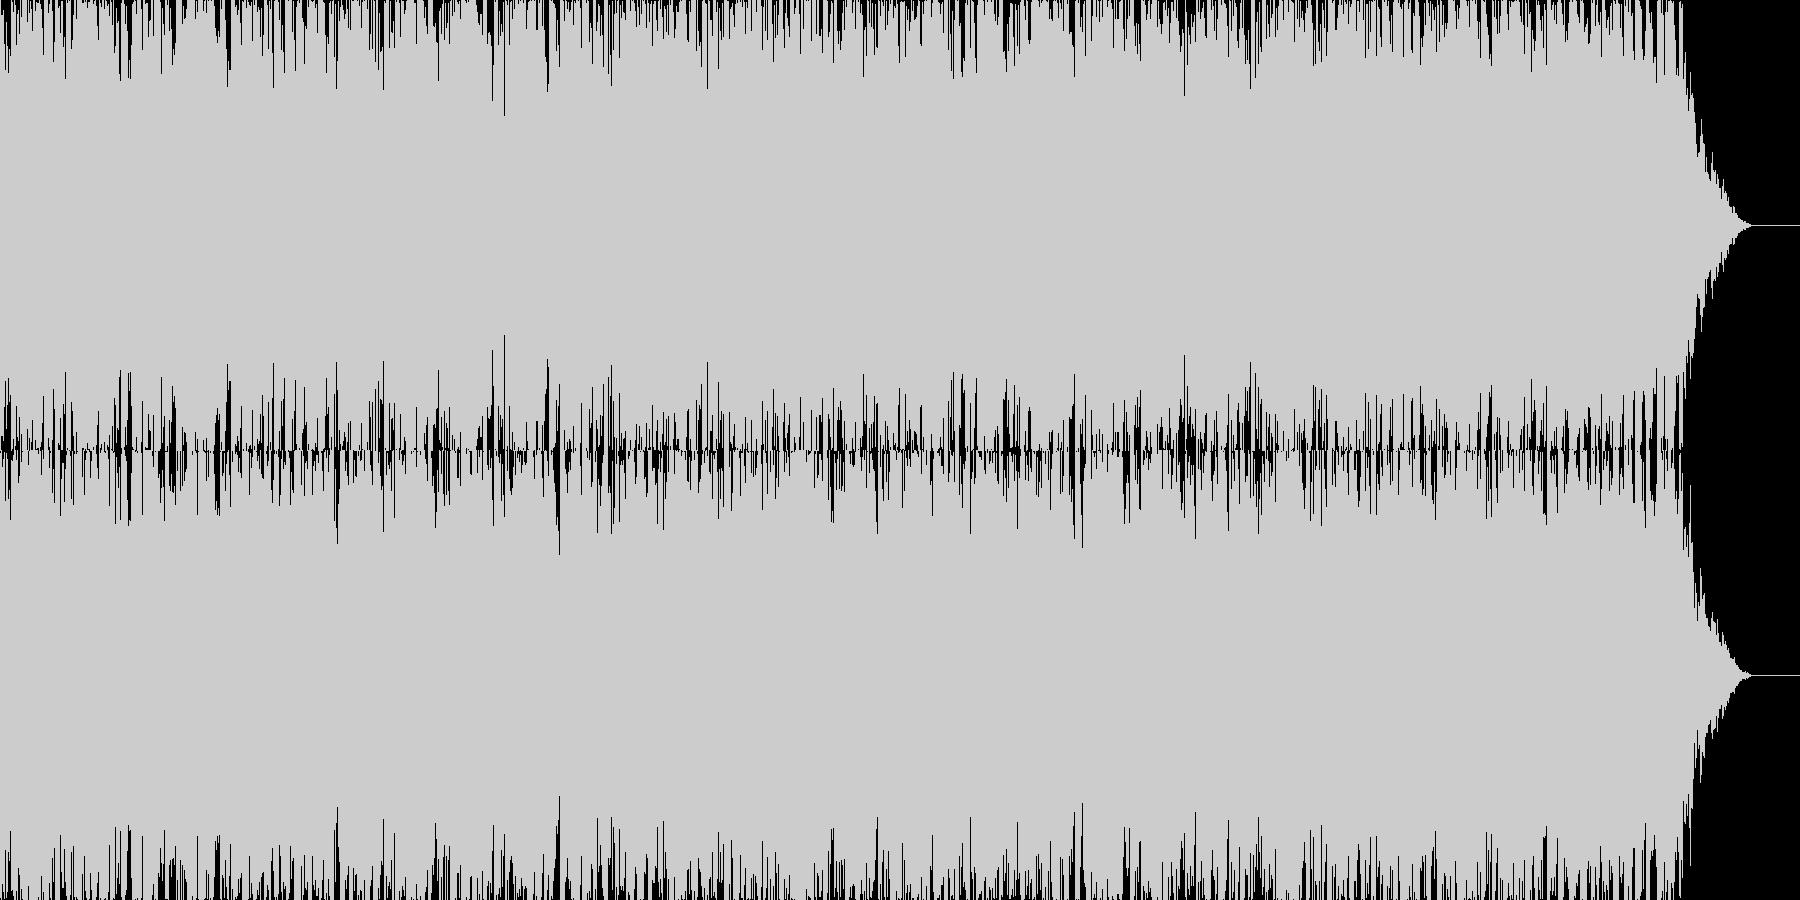 レトロゲームの宇宙空間をイメージした楽…の未再生の波形